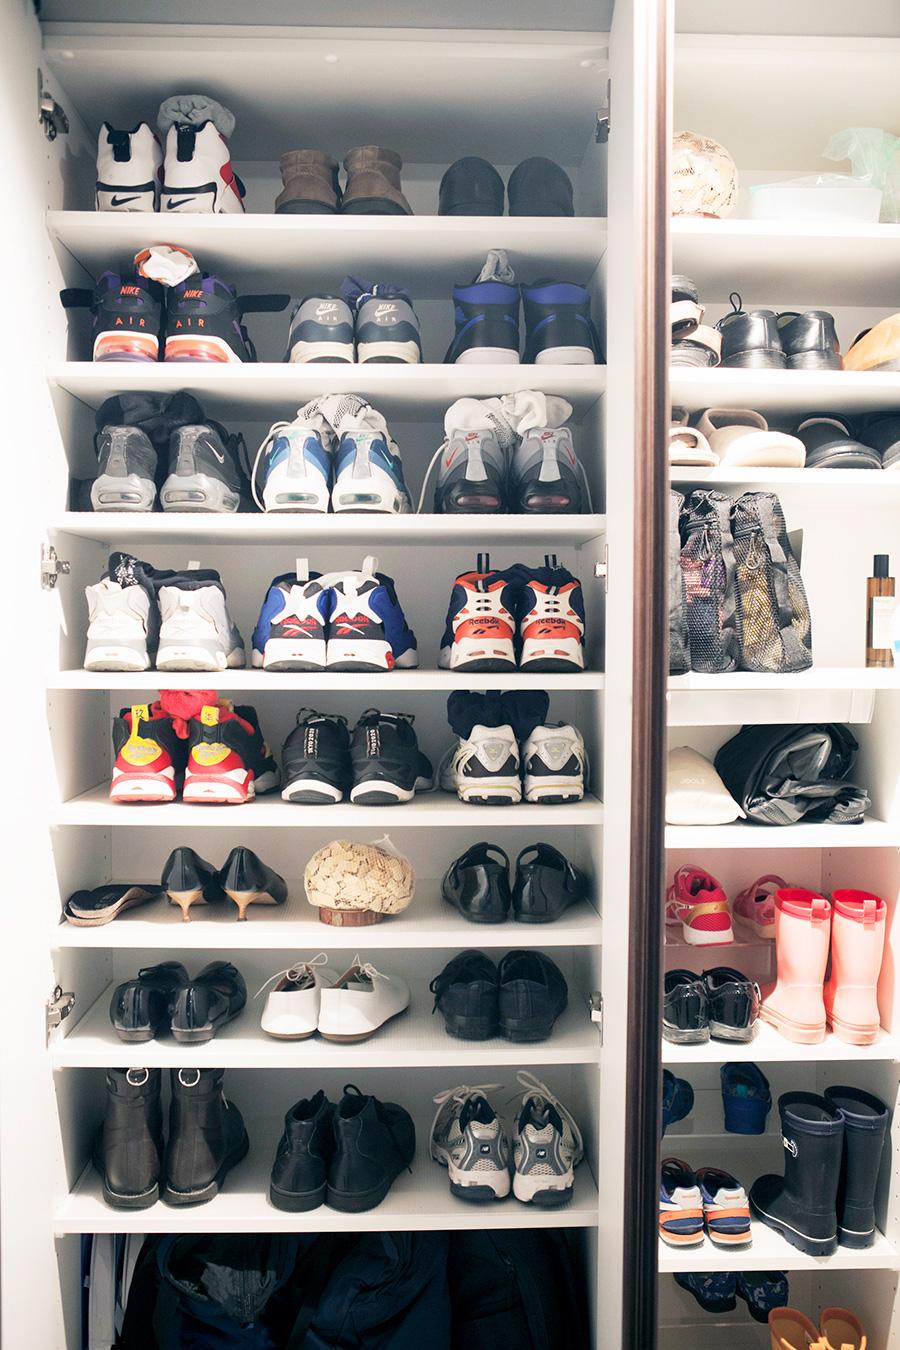 人別にゾーン分け。小さい靴を収める子どもの段は、コの字ラックを活用して収納力を高めている。